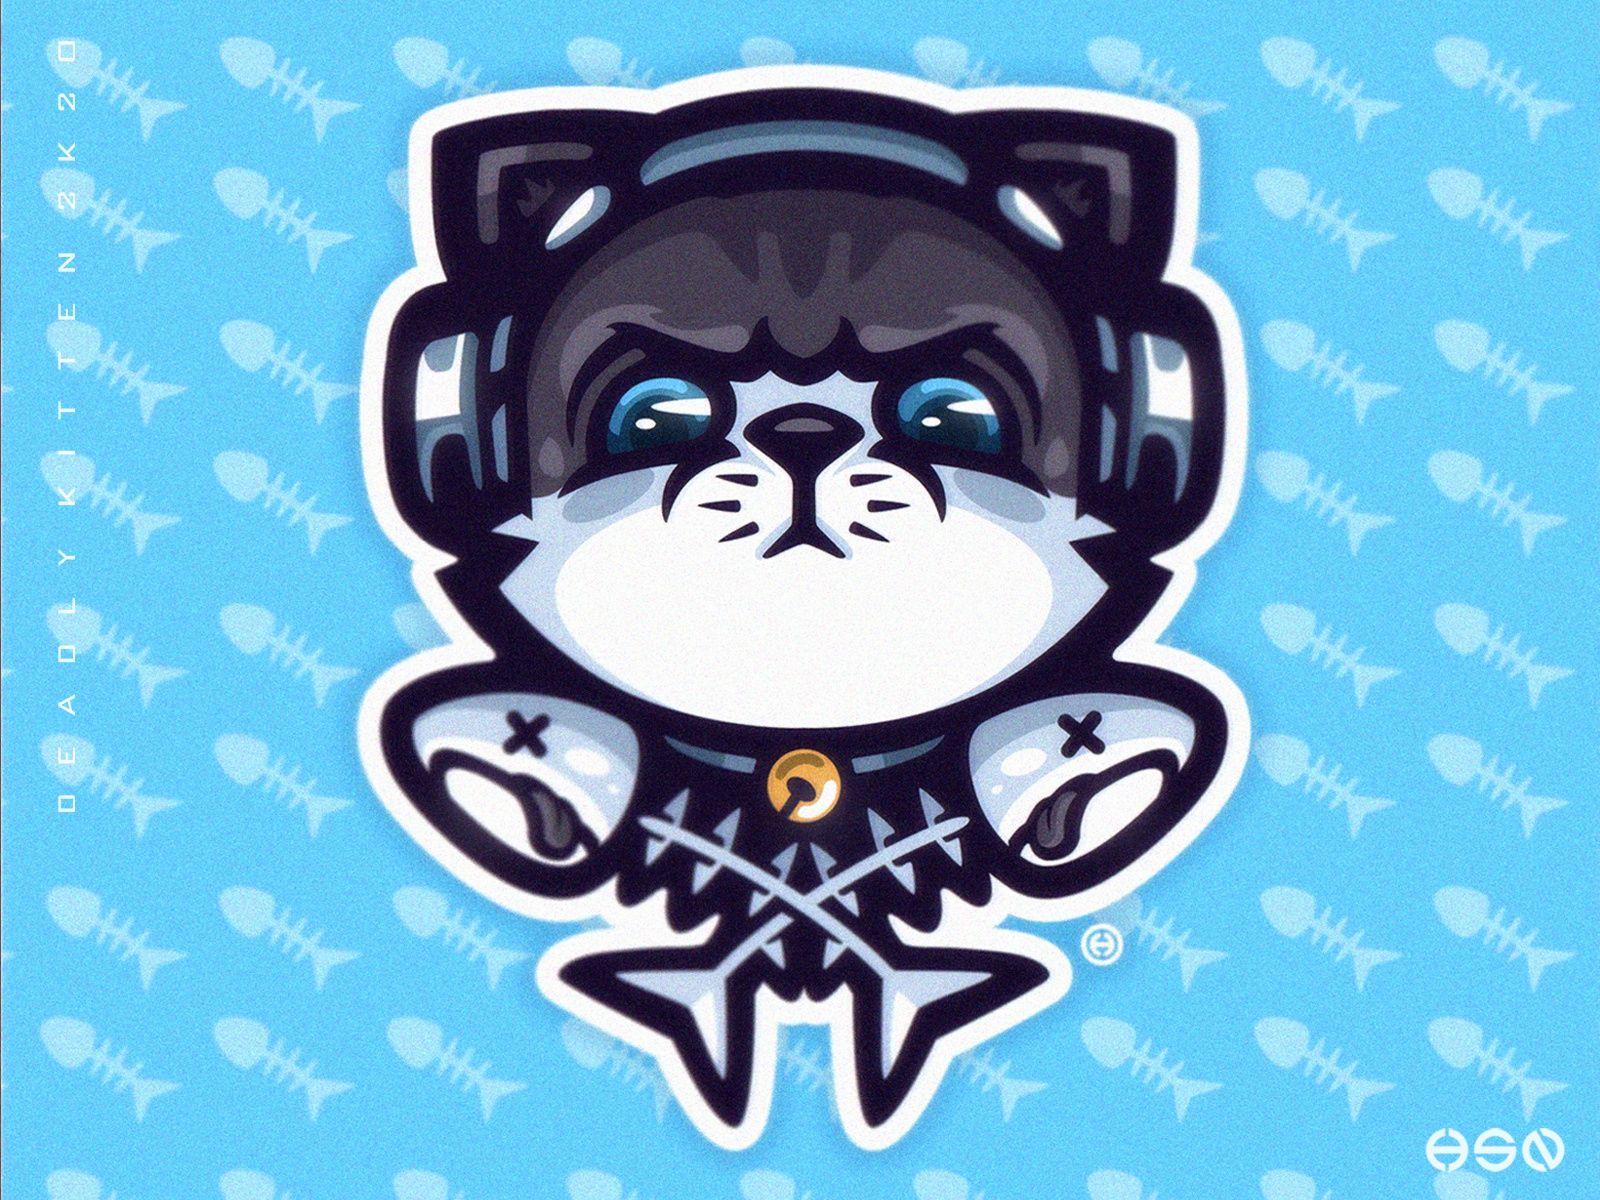 Deadly Kitten Cat Kitten Mascot Logo In 2020 Mascot Game Logo Design Mascot Design